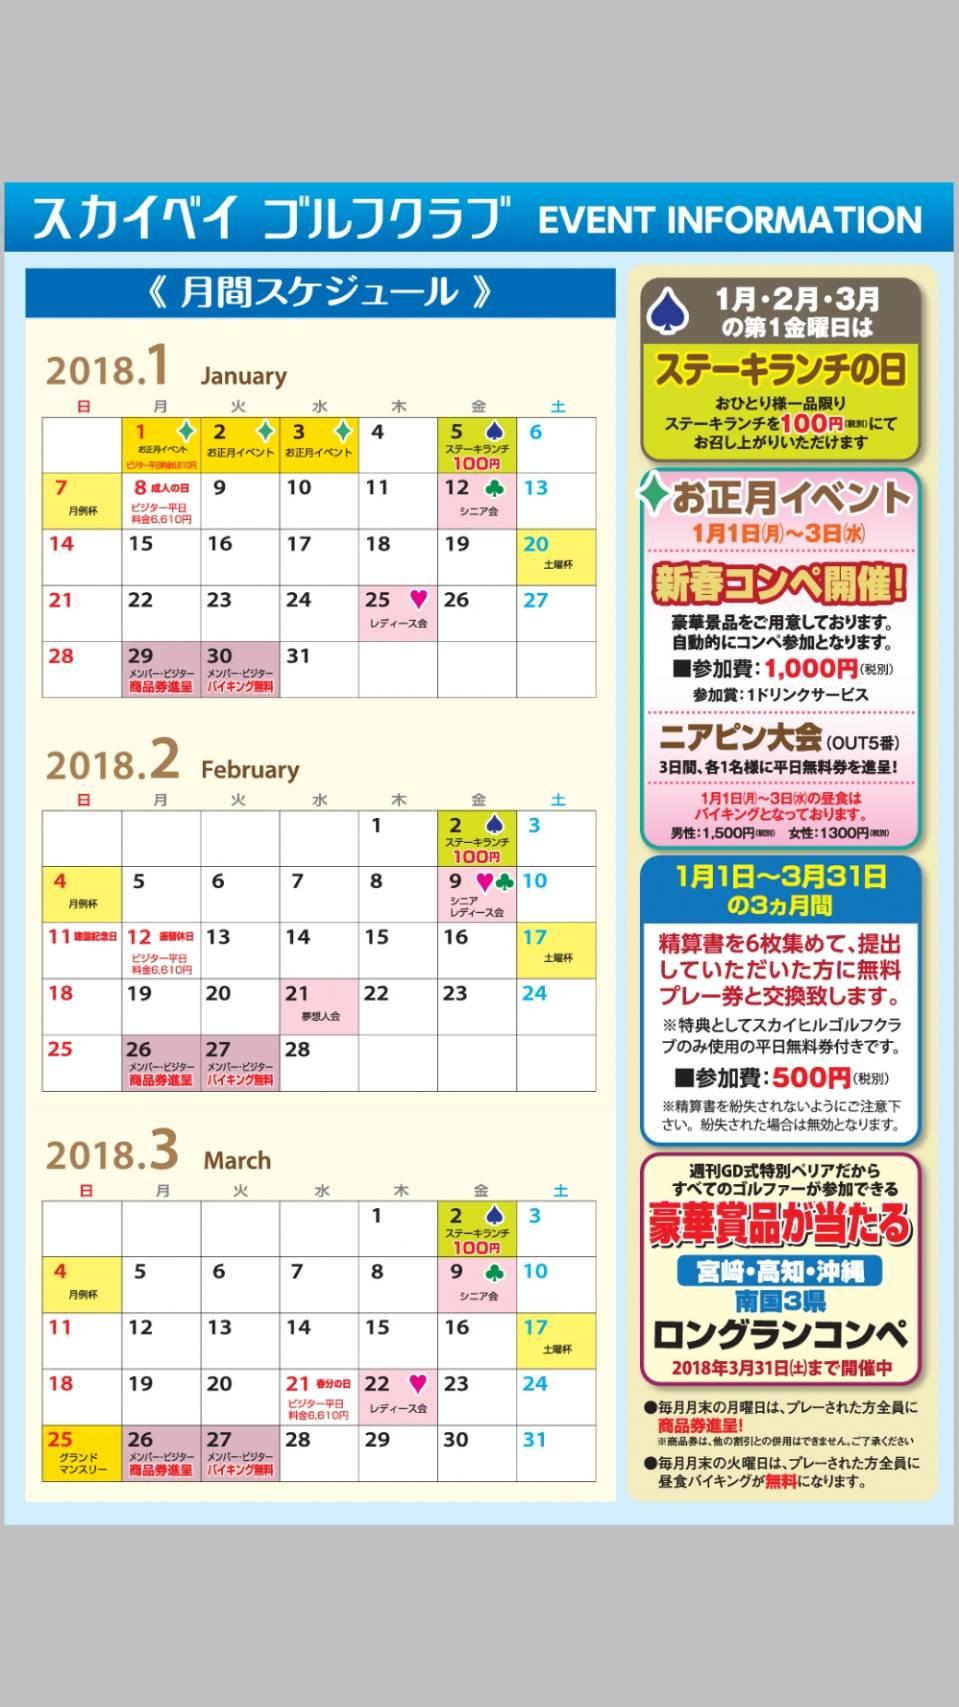 キャプチャ2018.1-3(SB)表